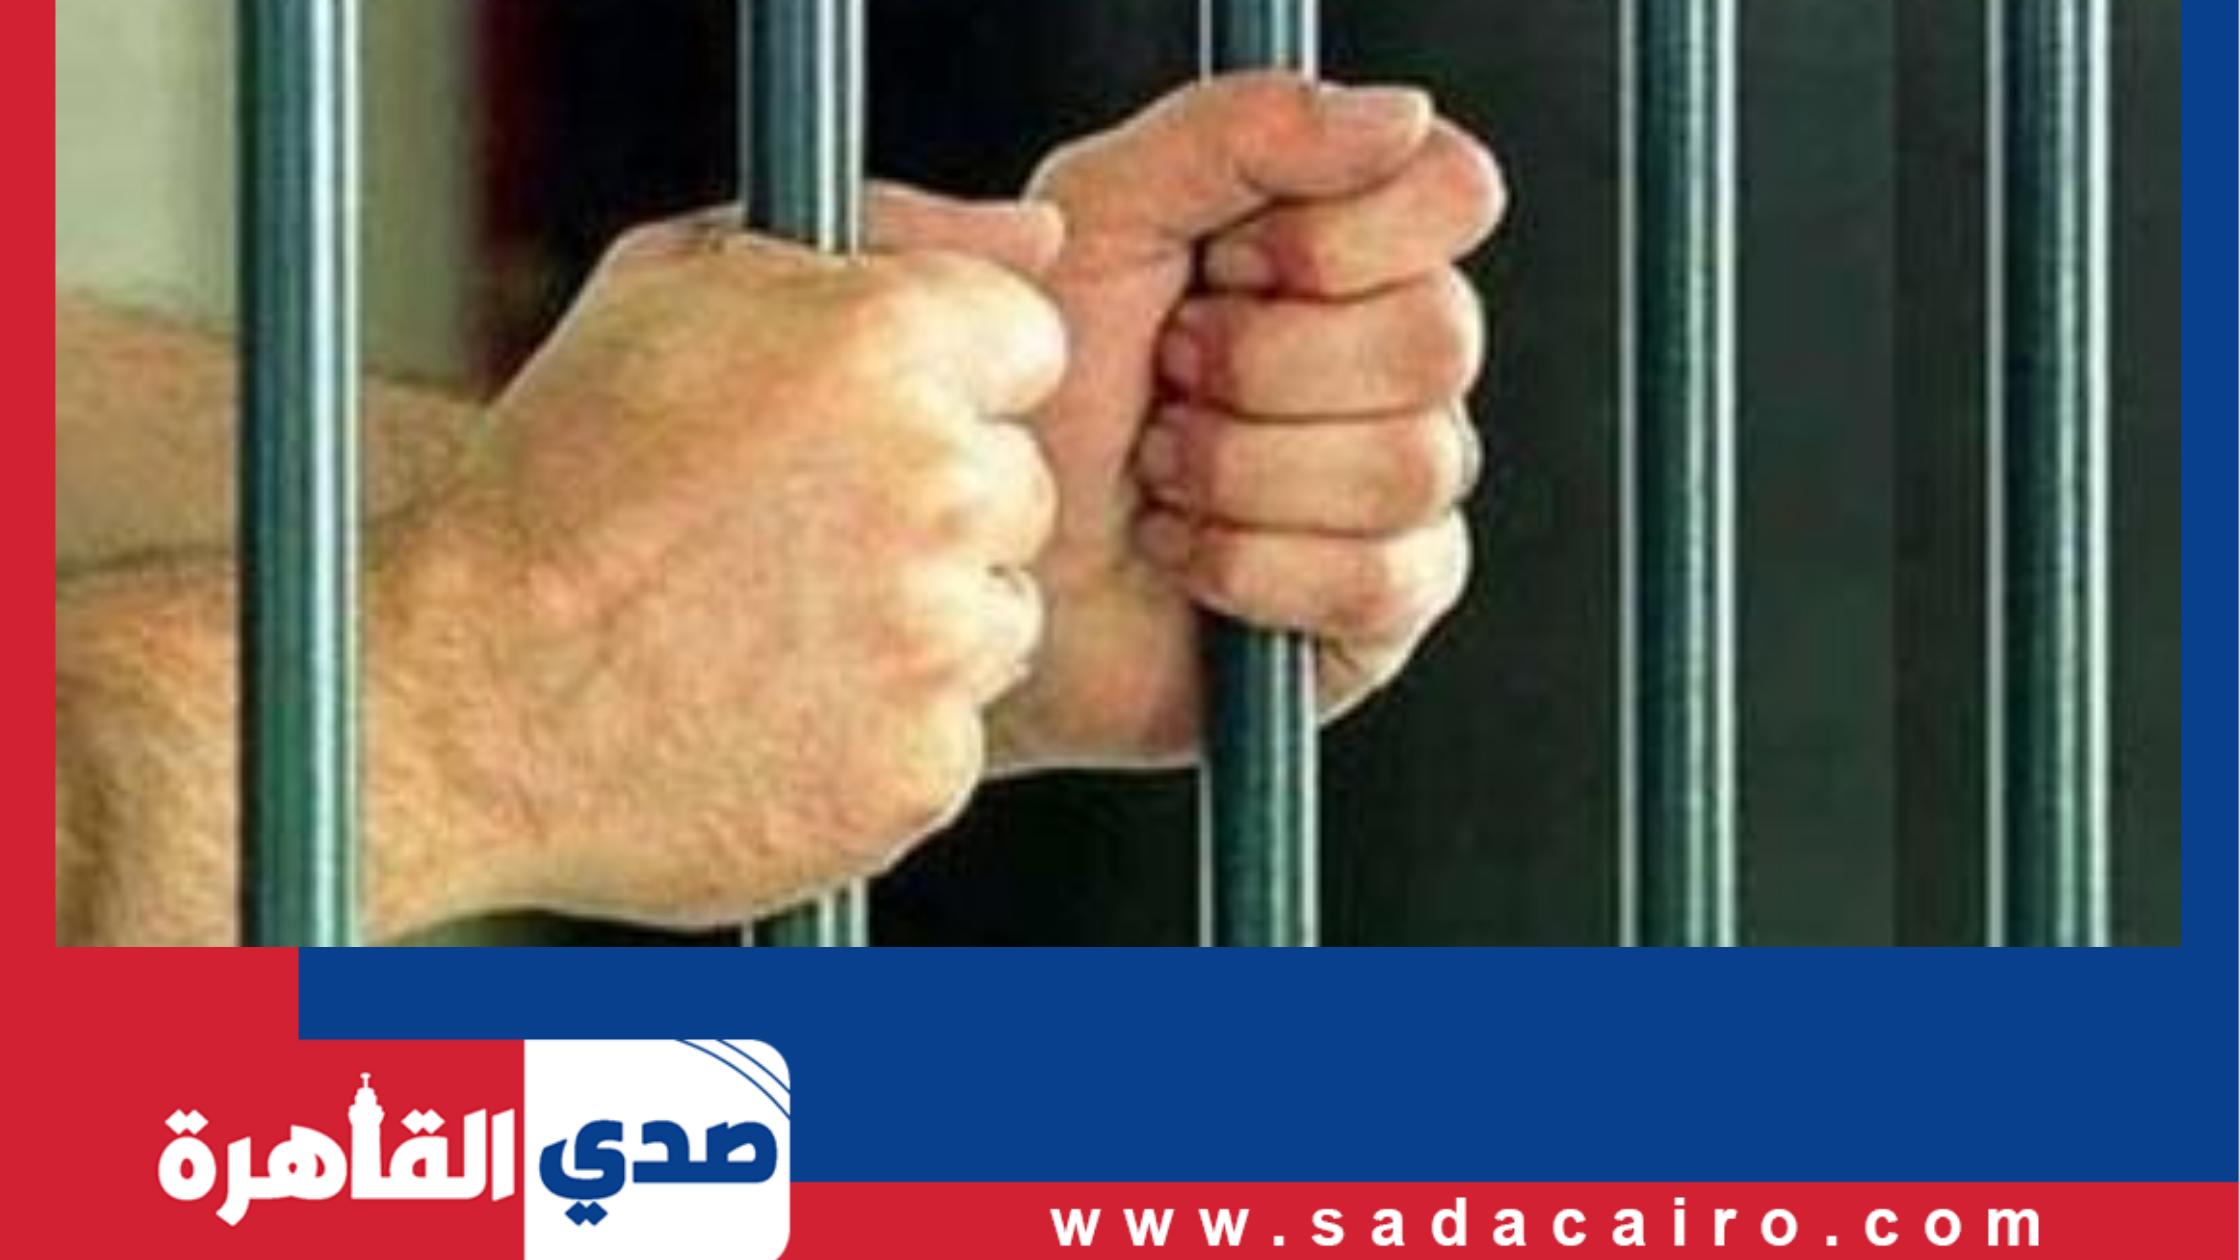 قوات الأمن تلقي القبض على تشكيل عصابي تخصص في سرقة السيارات